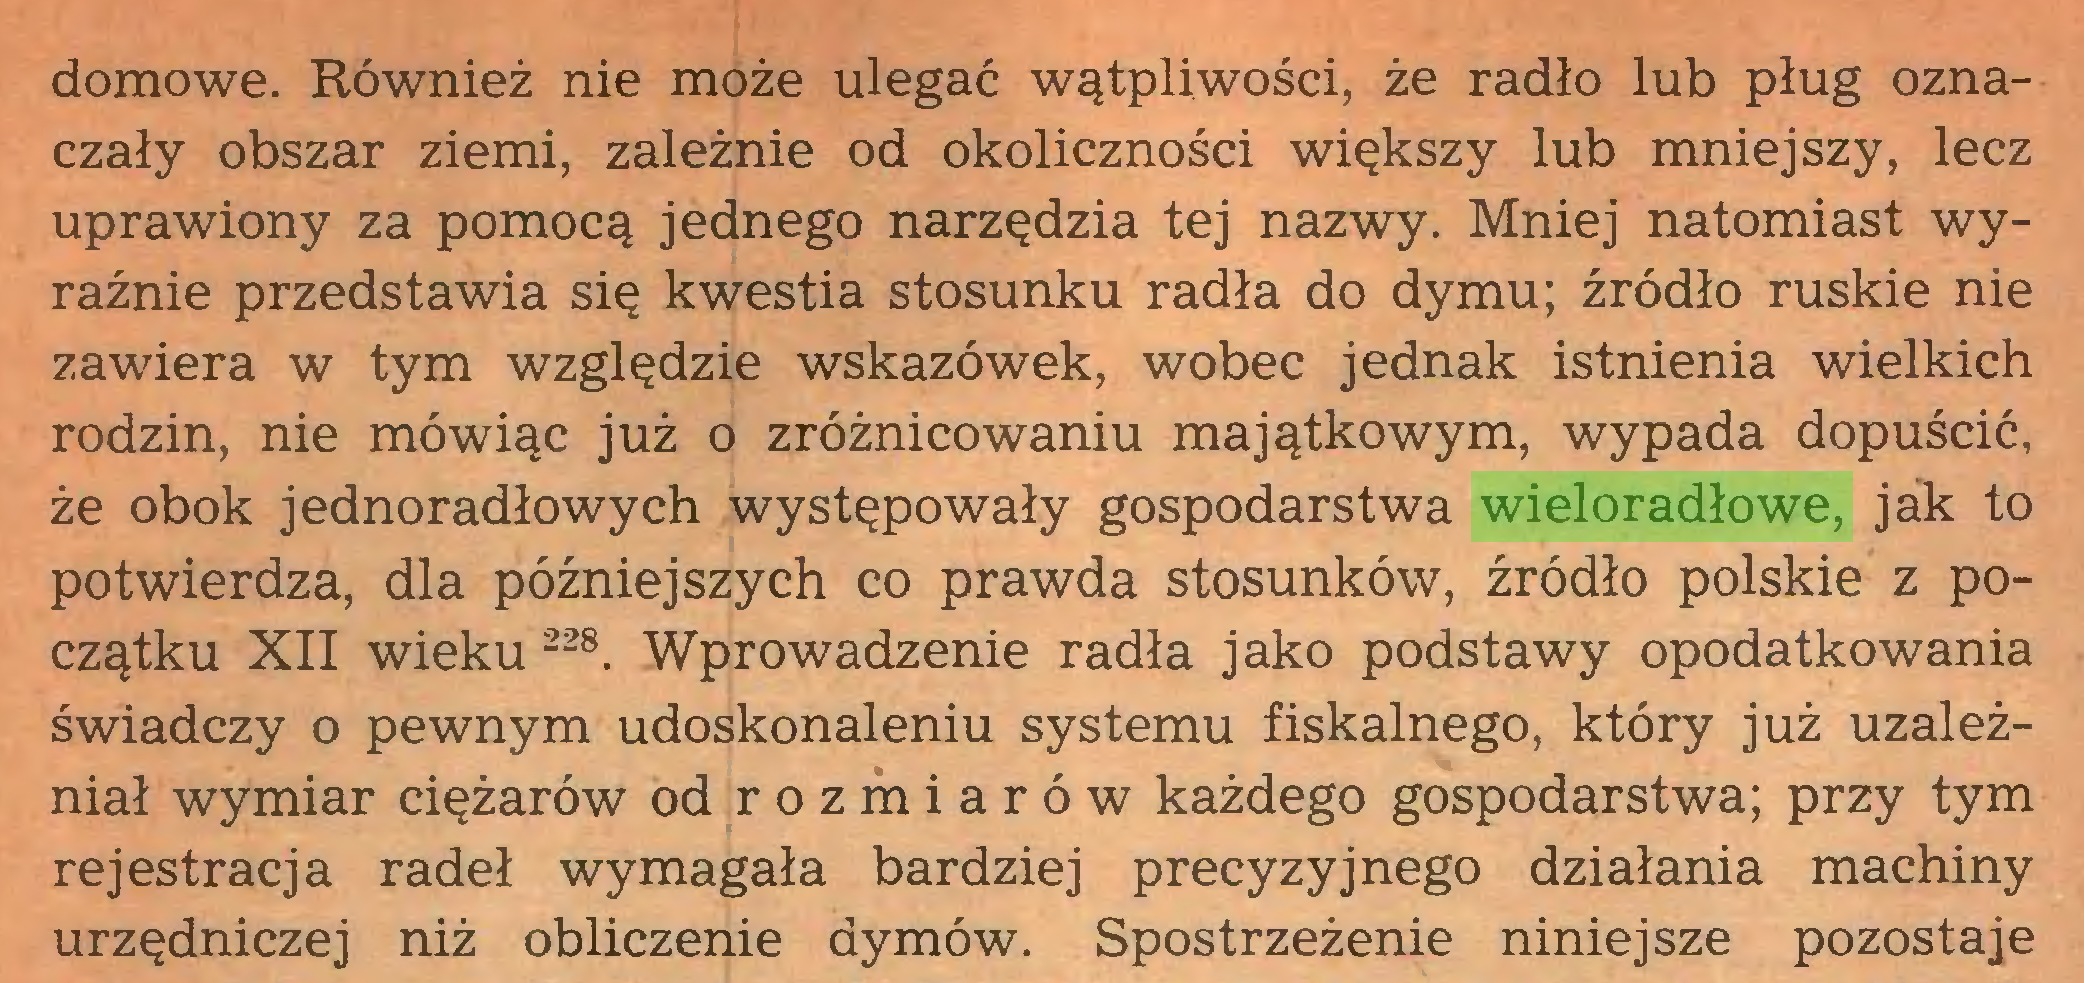 (...) domowe. Również nie może ulegać wątpliwości, że radio lub pług oznaczały obszar ziemi, zależnie od okoliczności większy lub mniejszy, lecz uprawiony za pomocą jednego narzędzia tej nazwy. Mniej natomiast wyraźnie przedstawia się kwestia stosunku radła do dymu; źródło ruskie nie zawiera w tym względzie wskazówek, wobec jednak istnienia wielkich rodzin, nie mówiąc już o zróżnicowaniu majątkowym, wypada dopuścić, że obok jednoradłowych występowały gospodarstwa wieloradłowe, jak to potwierdza, dla późniejszych co prawda stosunków, źródło polskie z początku XII wieku 228. Wprowadzenie radła jako podstawy opodatkowania świadczy o pewnym udoskonaleniu systemu fiskalnego, który już uzależniał wymiar ciężarów od rozmiarów każdego gospodarstwa; przy tym rejestracja radeł wymagała bardziej precyzyjnego działania machiny urzędniczej niż obliczenie dymów. Spostrzeżenie niniejsze pozostaje...